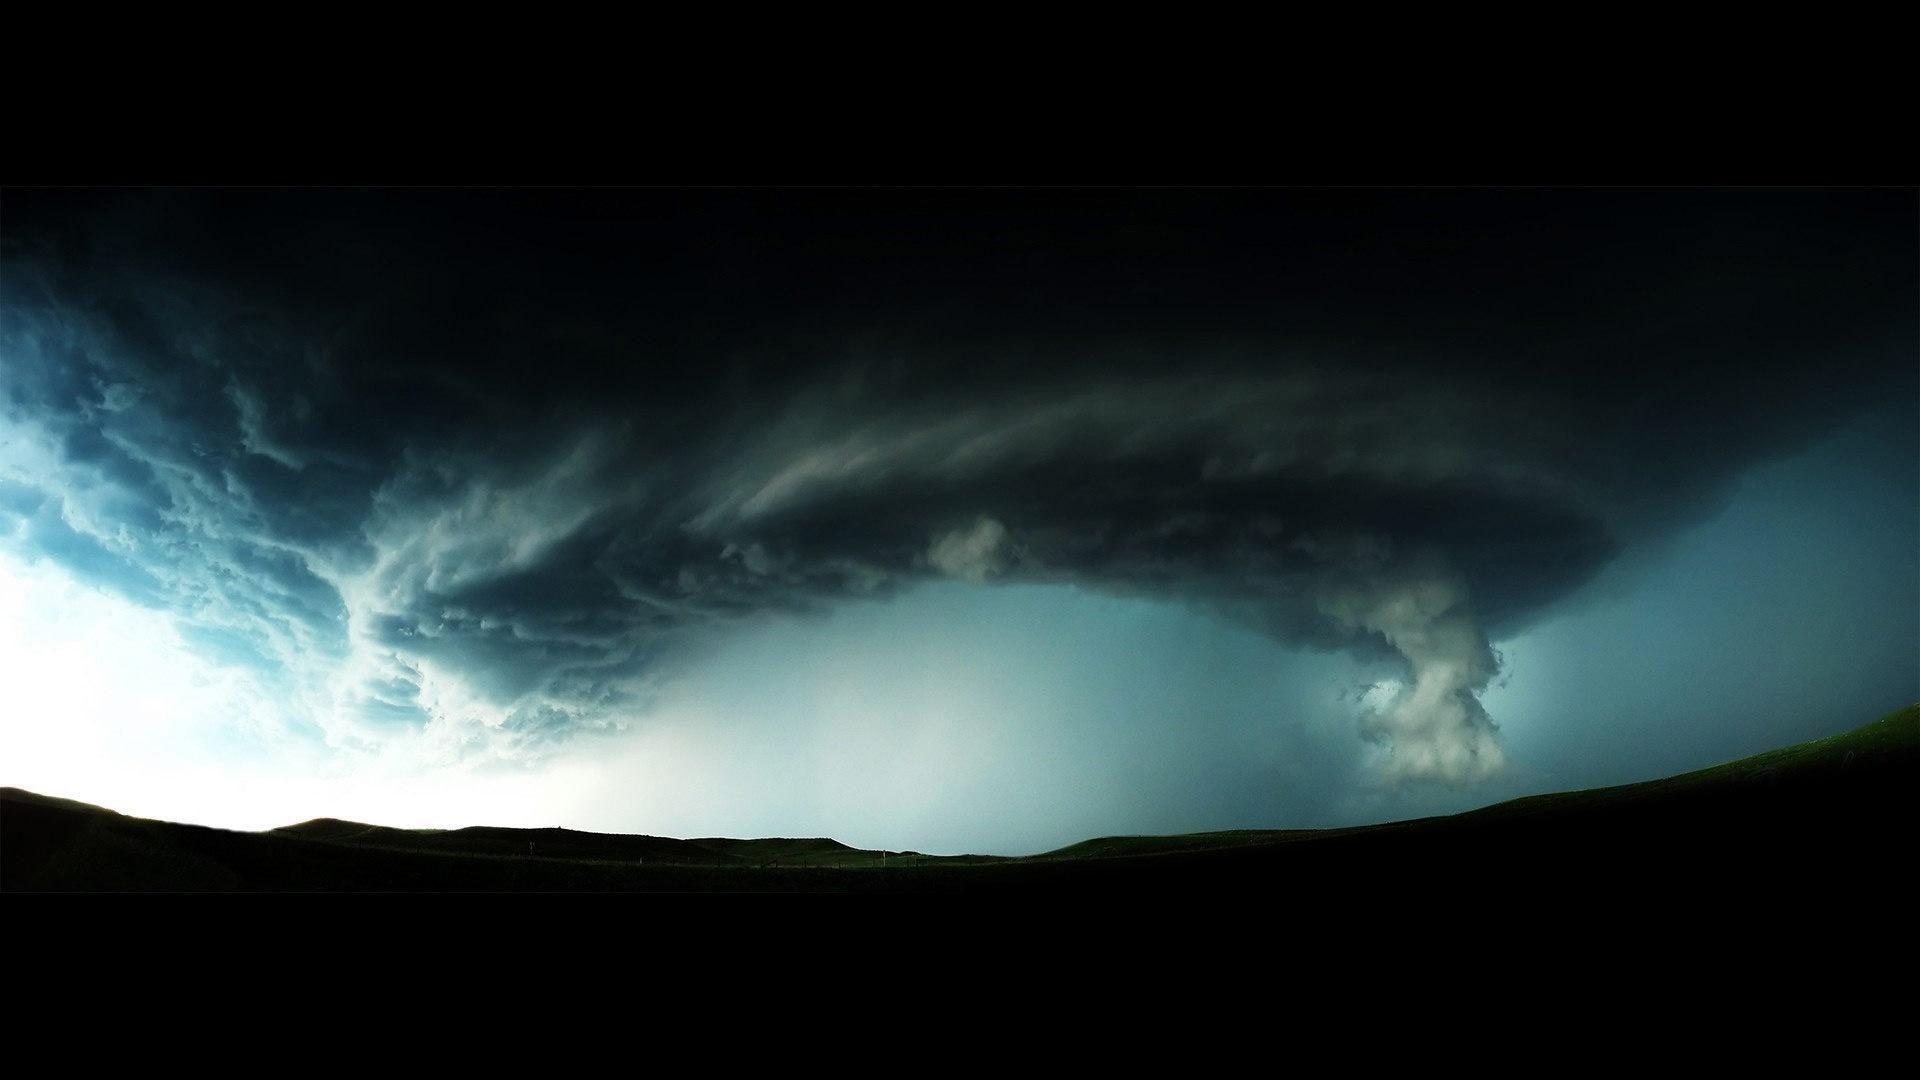 壁紙 竜巻 黒い雲 危険な天気 1920x1080 Full Hd 2k 無料の